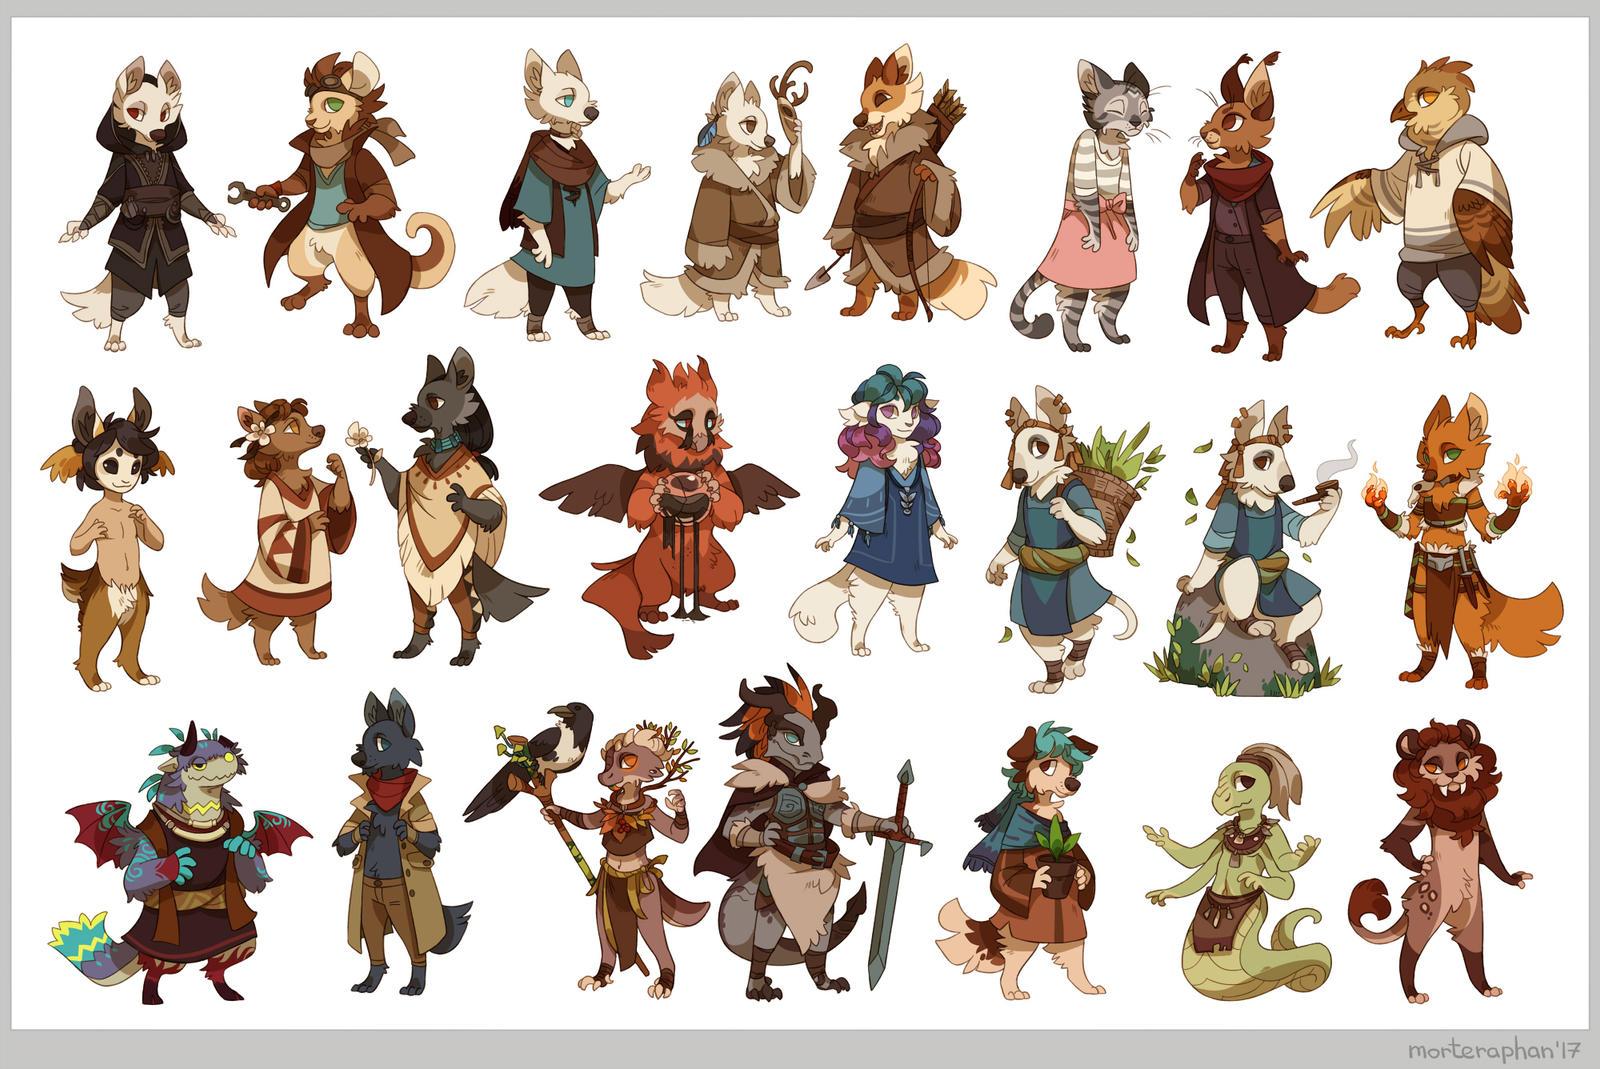 23 cuties by morteraphan